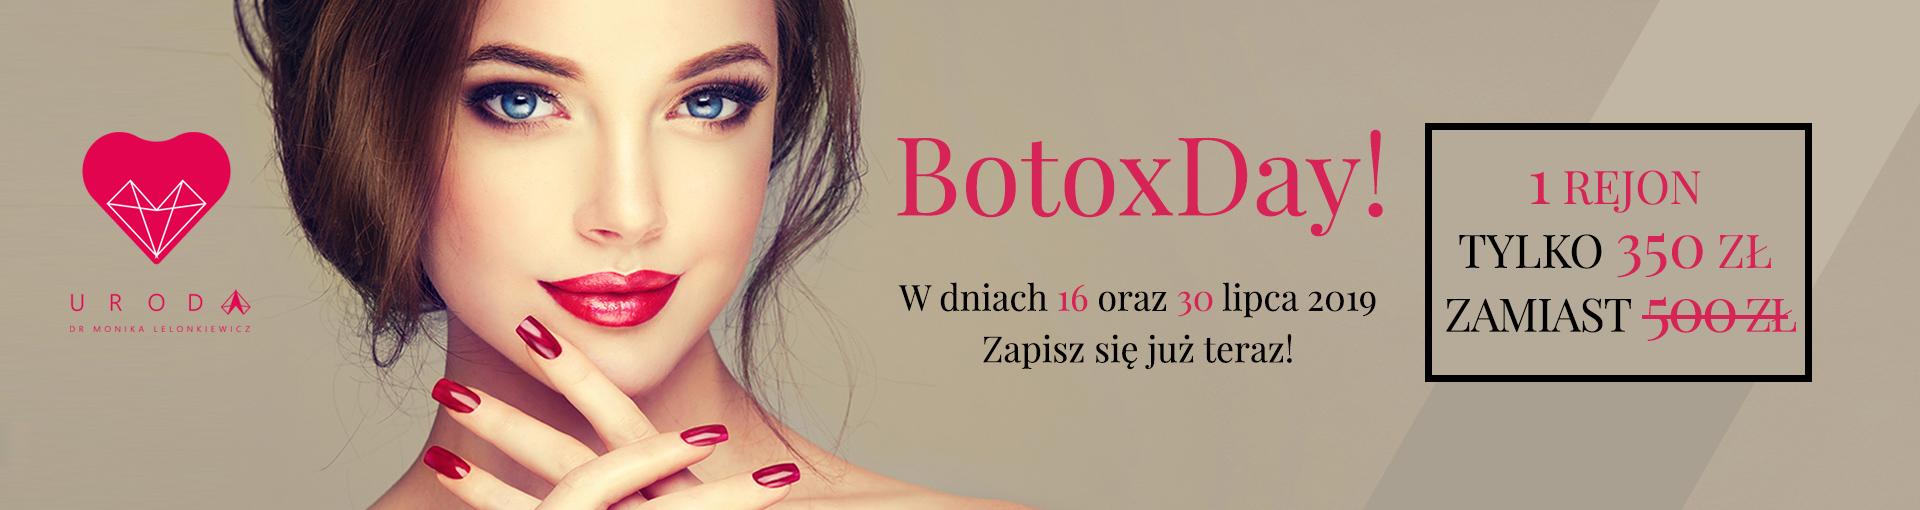 Botox – Naprawdę Warto – 2019 Lipiec